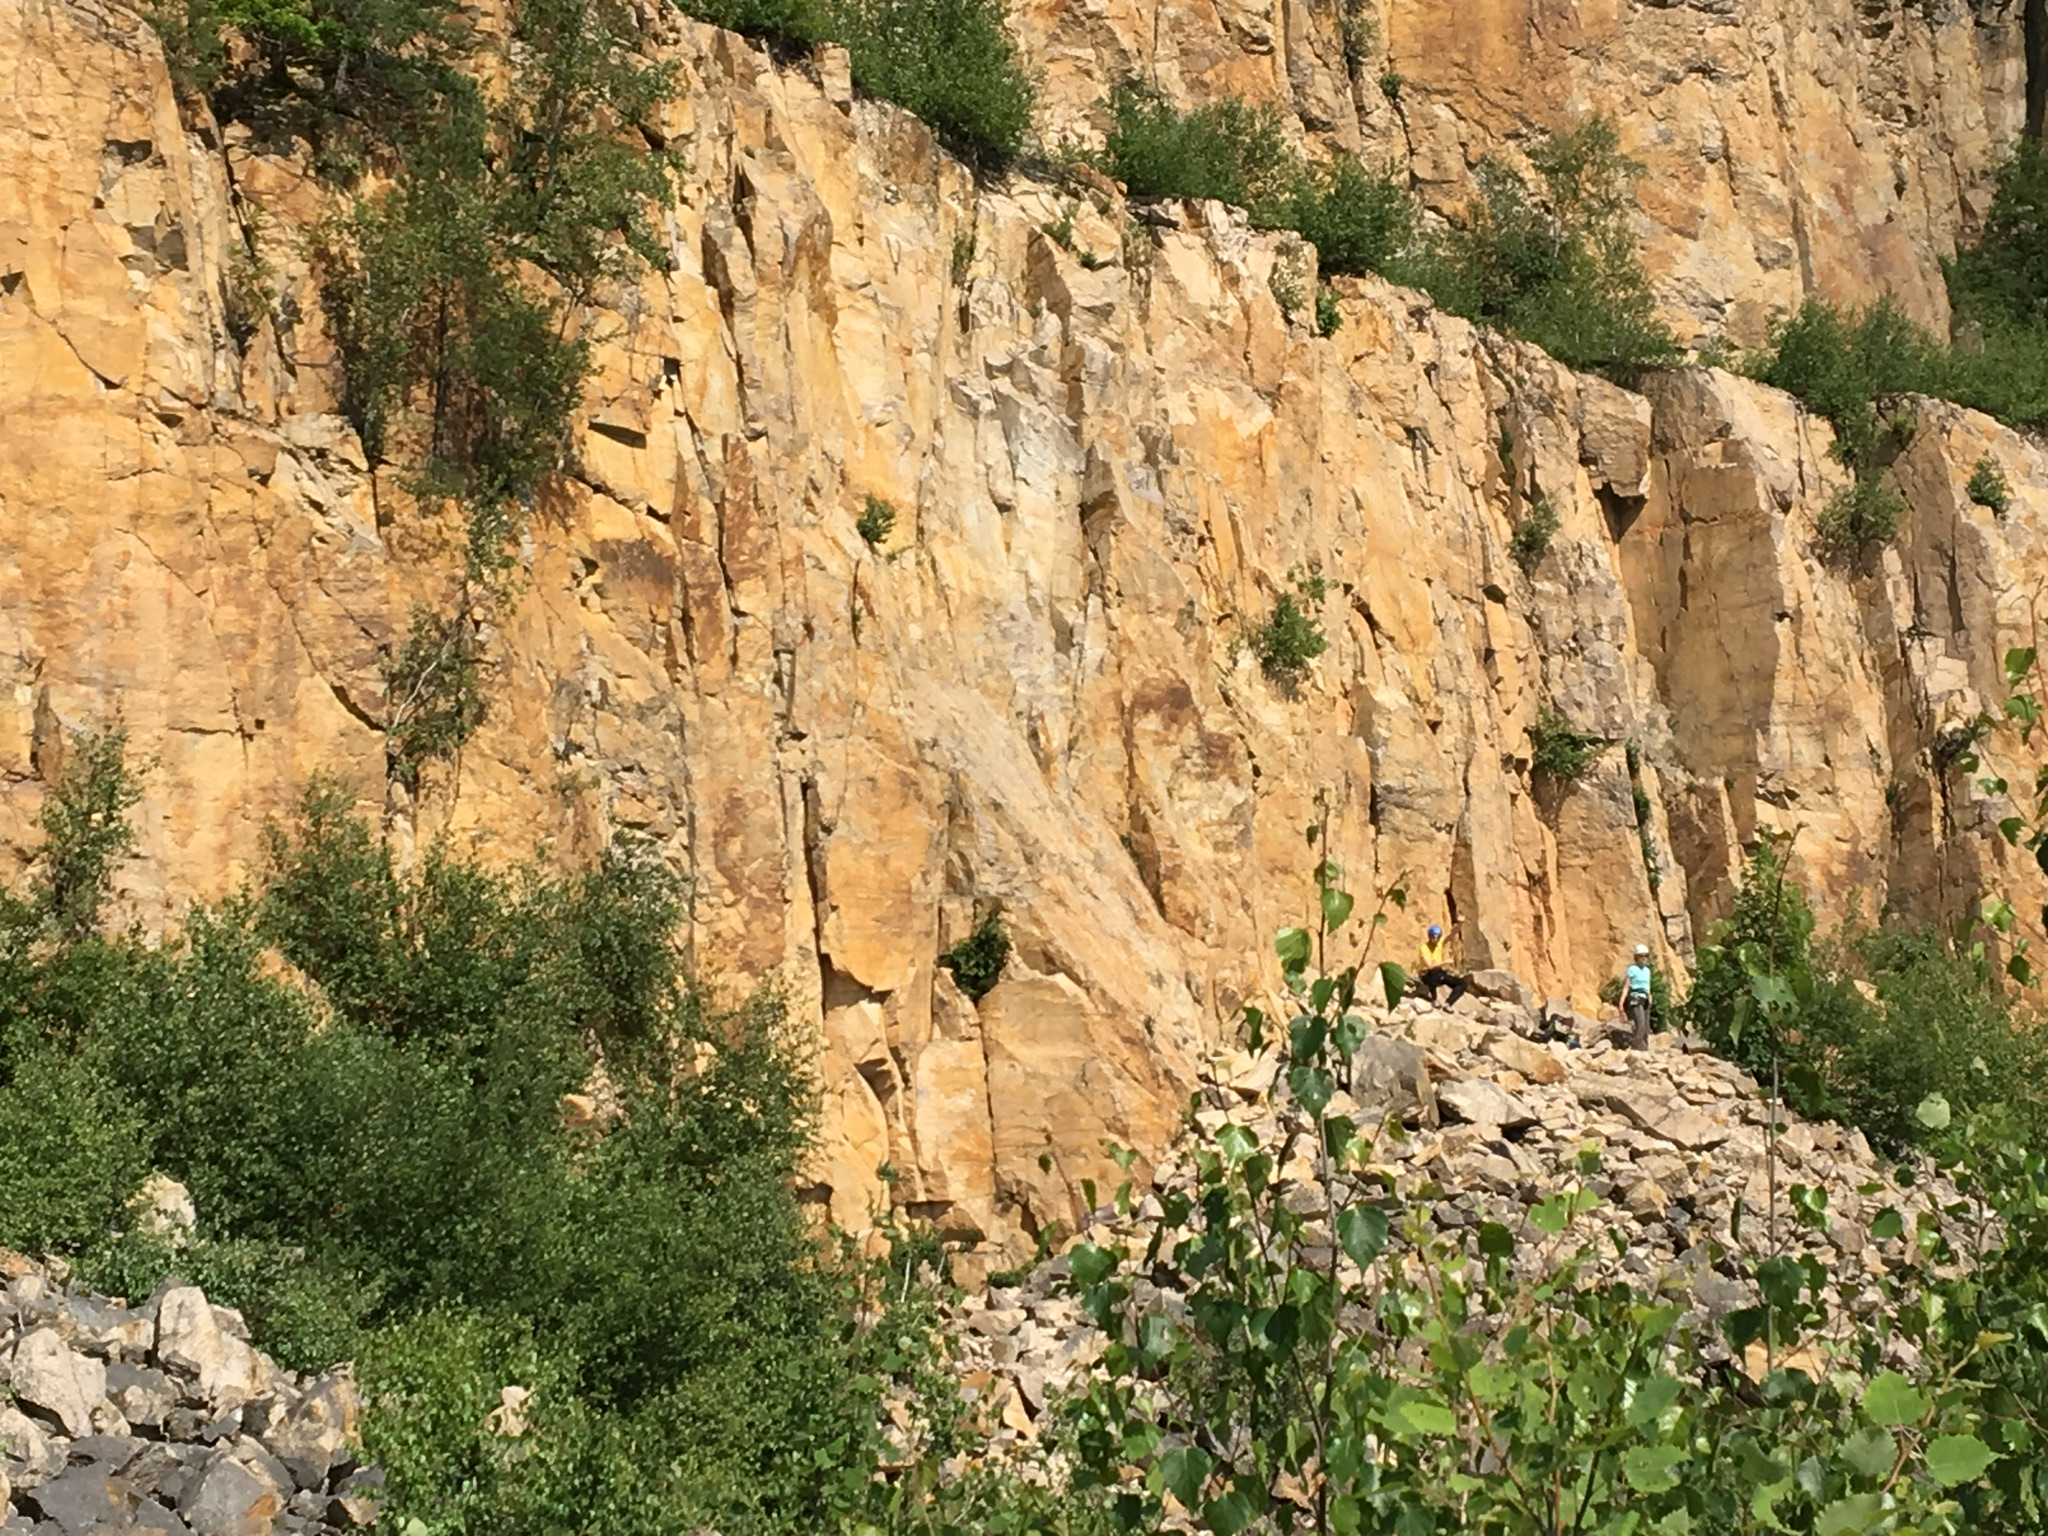 Klettersteig Odenwald : Schriesheimer steinbruch bergsteigen.com